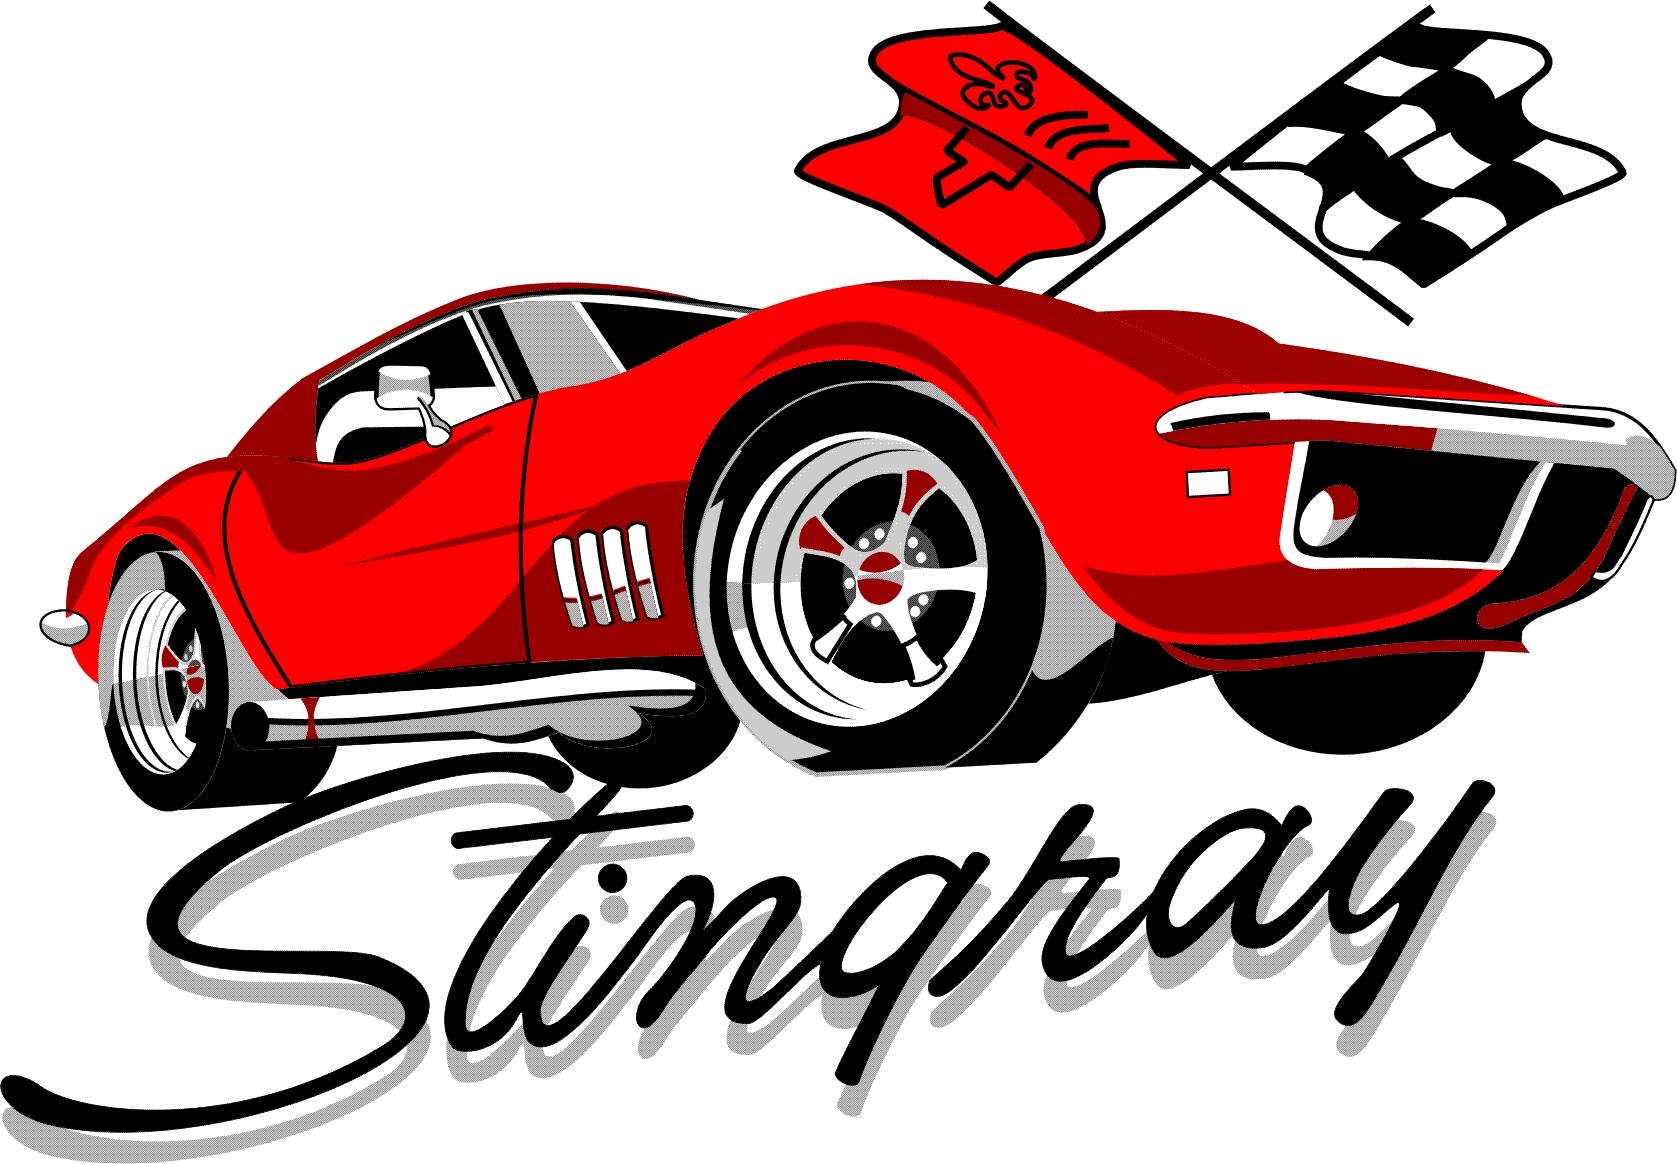 Chevrolet clipart corvette Emblem c3 Clipart corvette Corvette